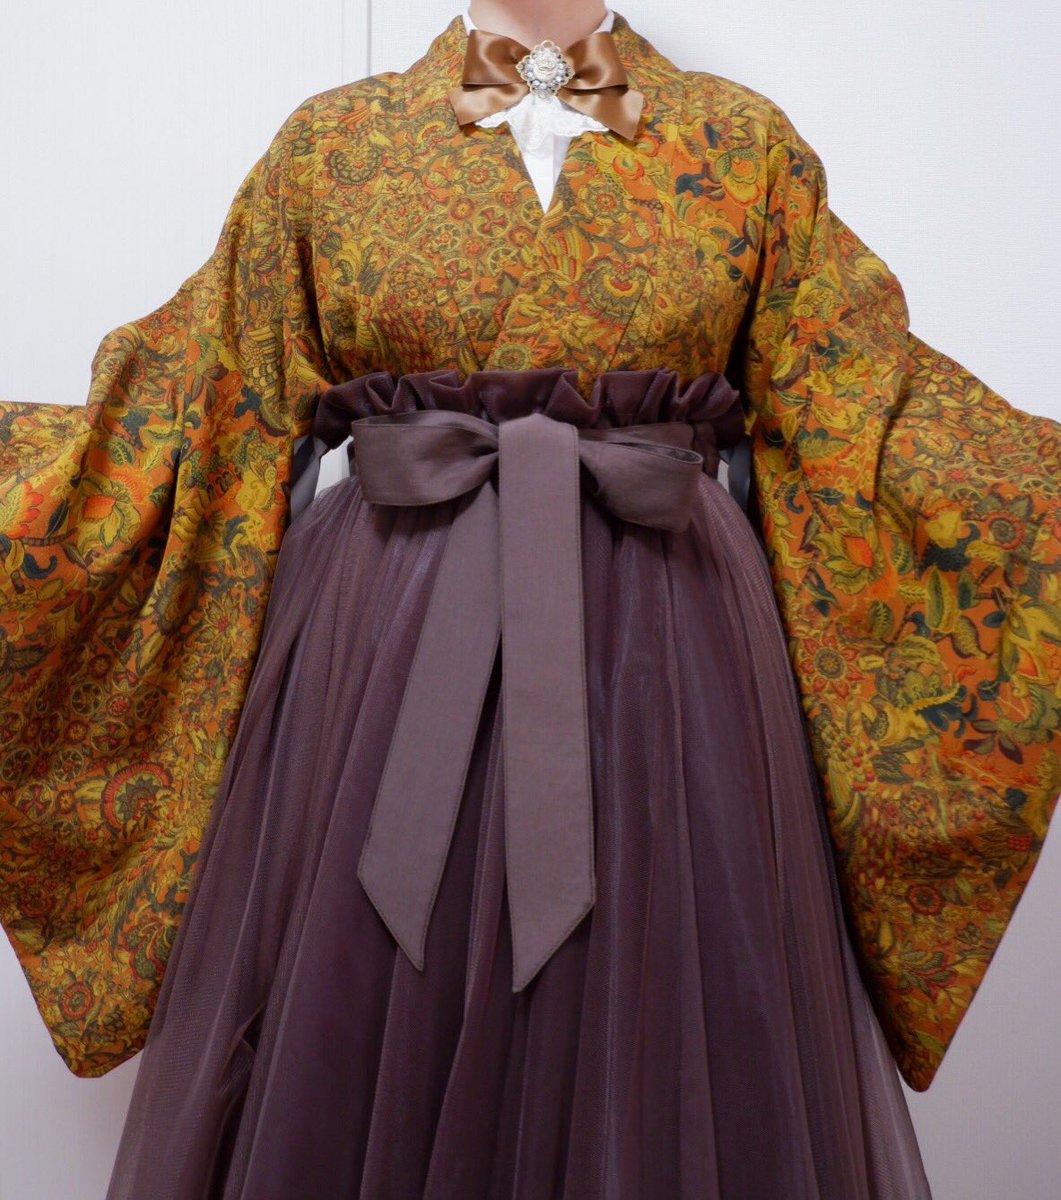 祖母の着物にブラウンのチュールスカートと小物を合わせてみた! ゴツめのヒールも着物の柄もスカートのフワフワ感も大好き…!